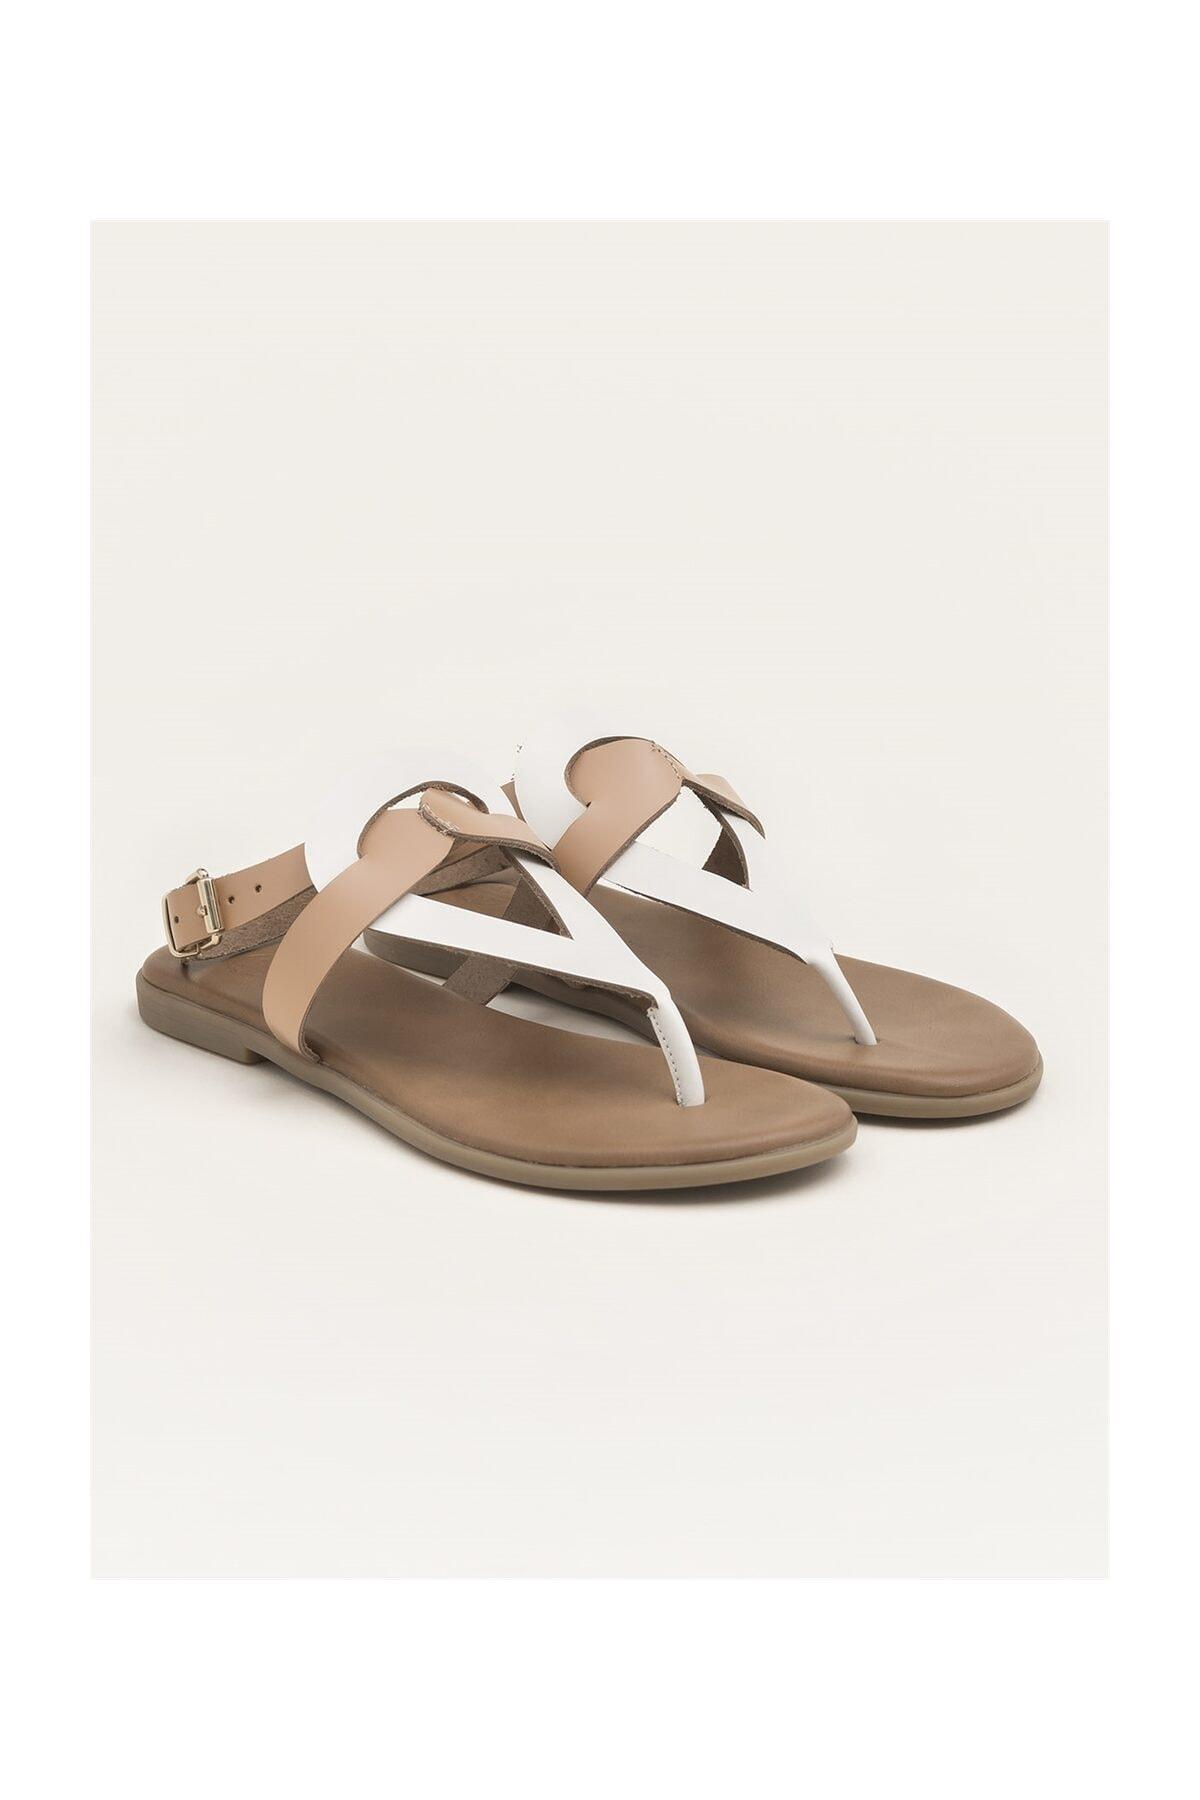 Elle Shoes Ishıta Kadın Sandalet 2